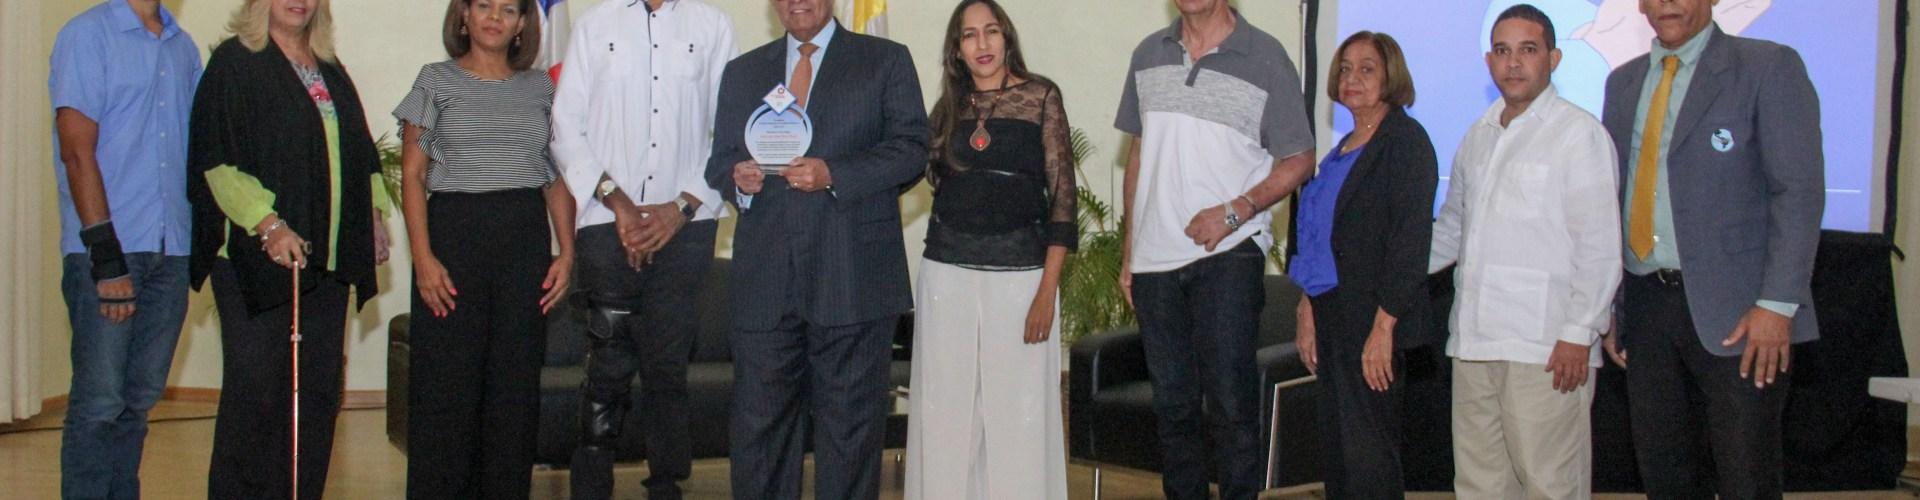 Tributan reconocimiento doctor Silié Ruiz